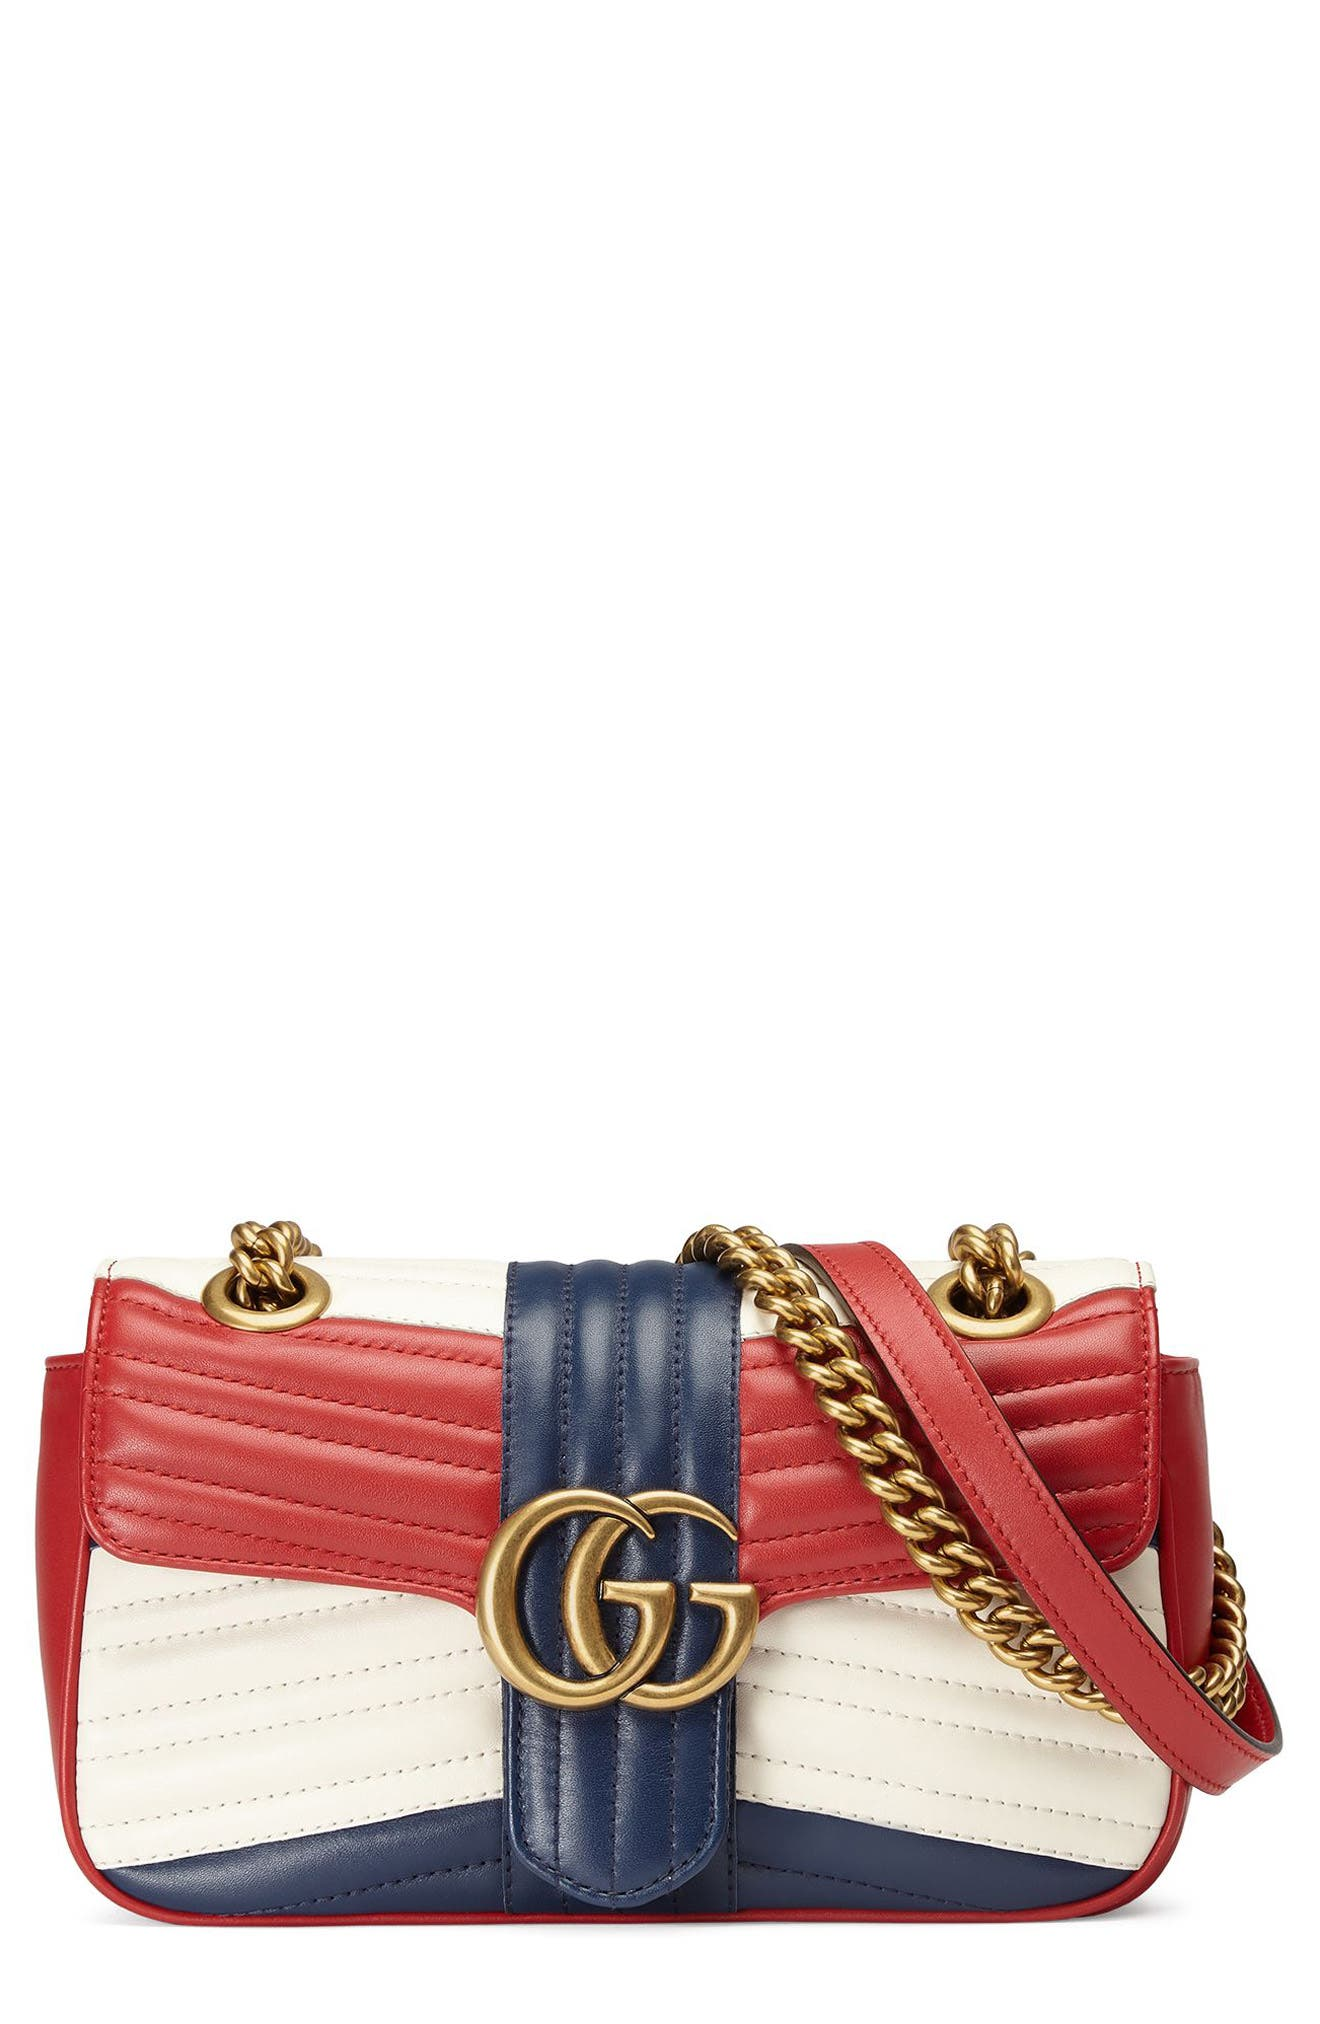 Mini GG Marmont 2.0 Tricolor Matelassé Leather Shoulder Bag,                             Main thumbnail 1, color,                             625